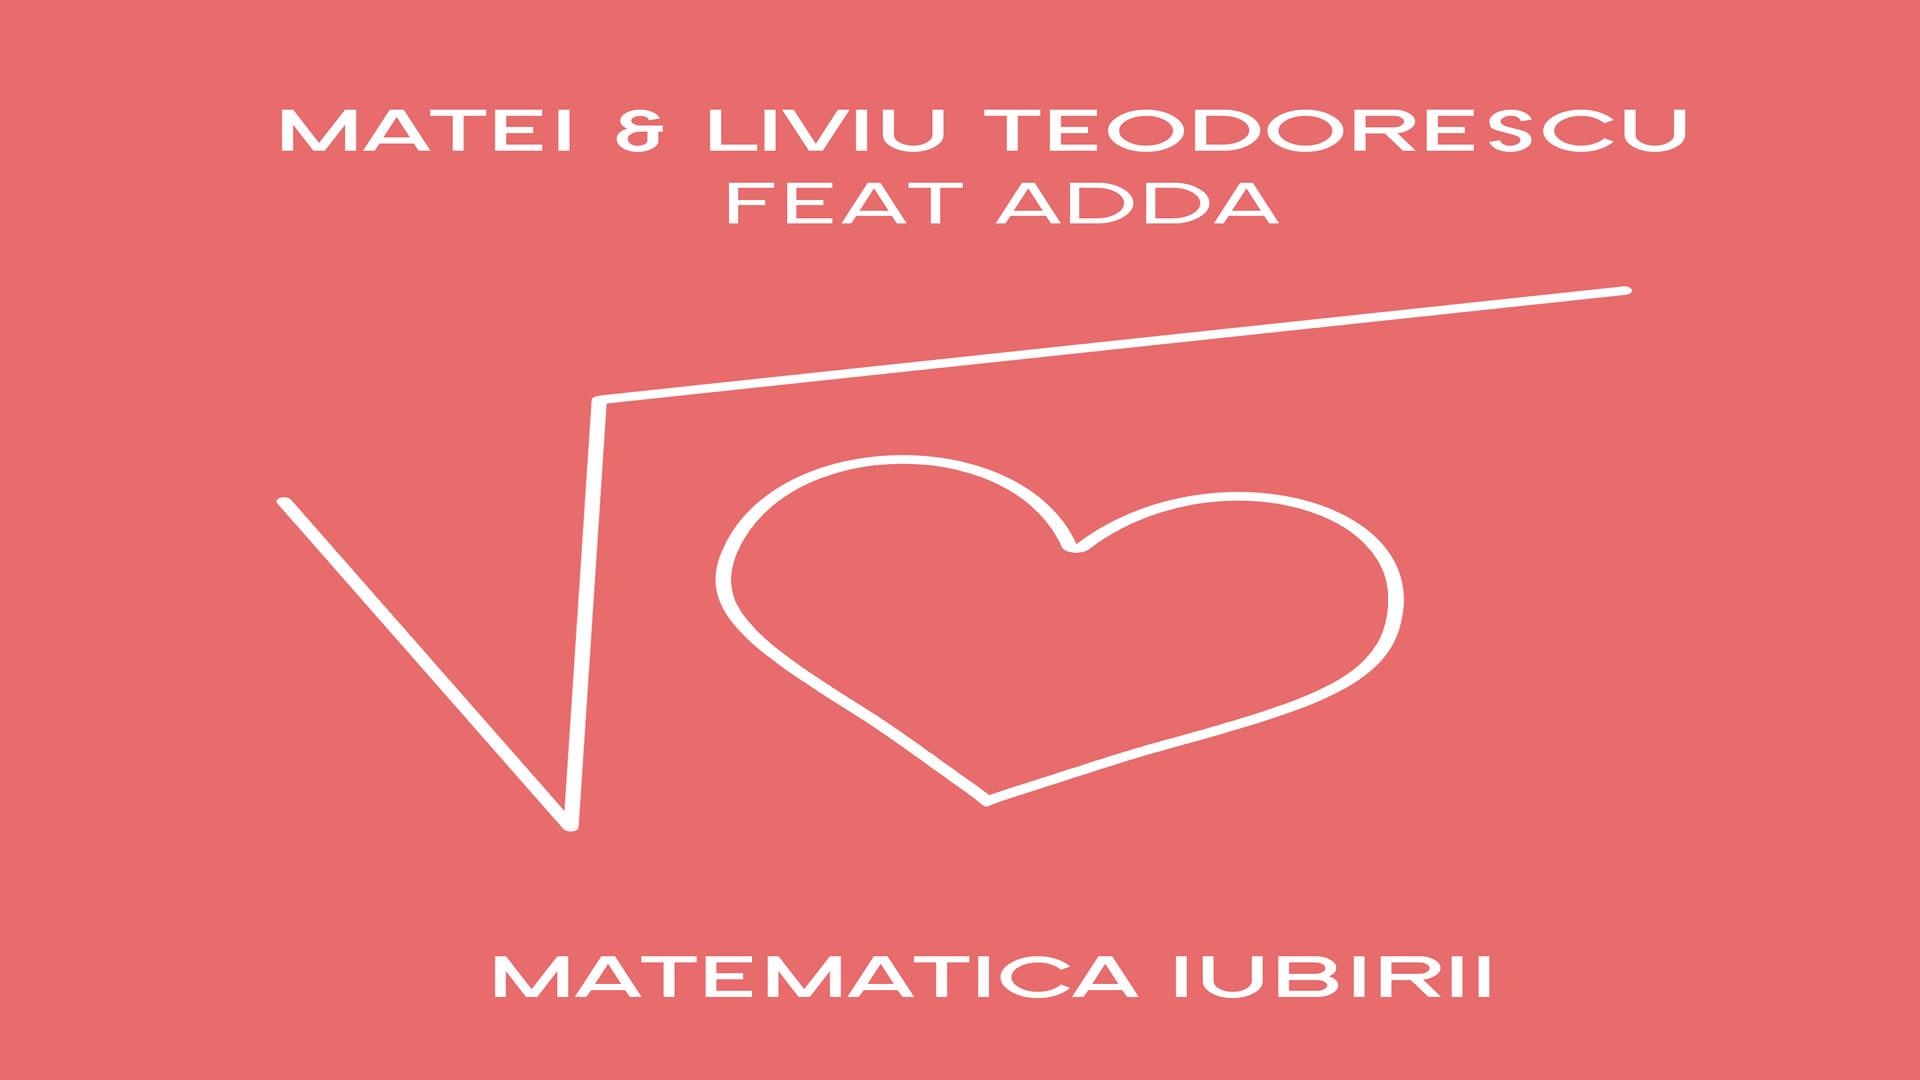 Matei & Liviu Teodorescu feat. Adda - Matematica Iubirii